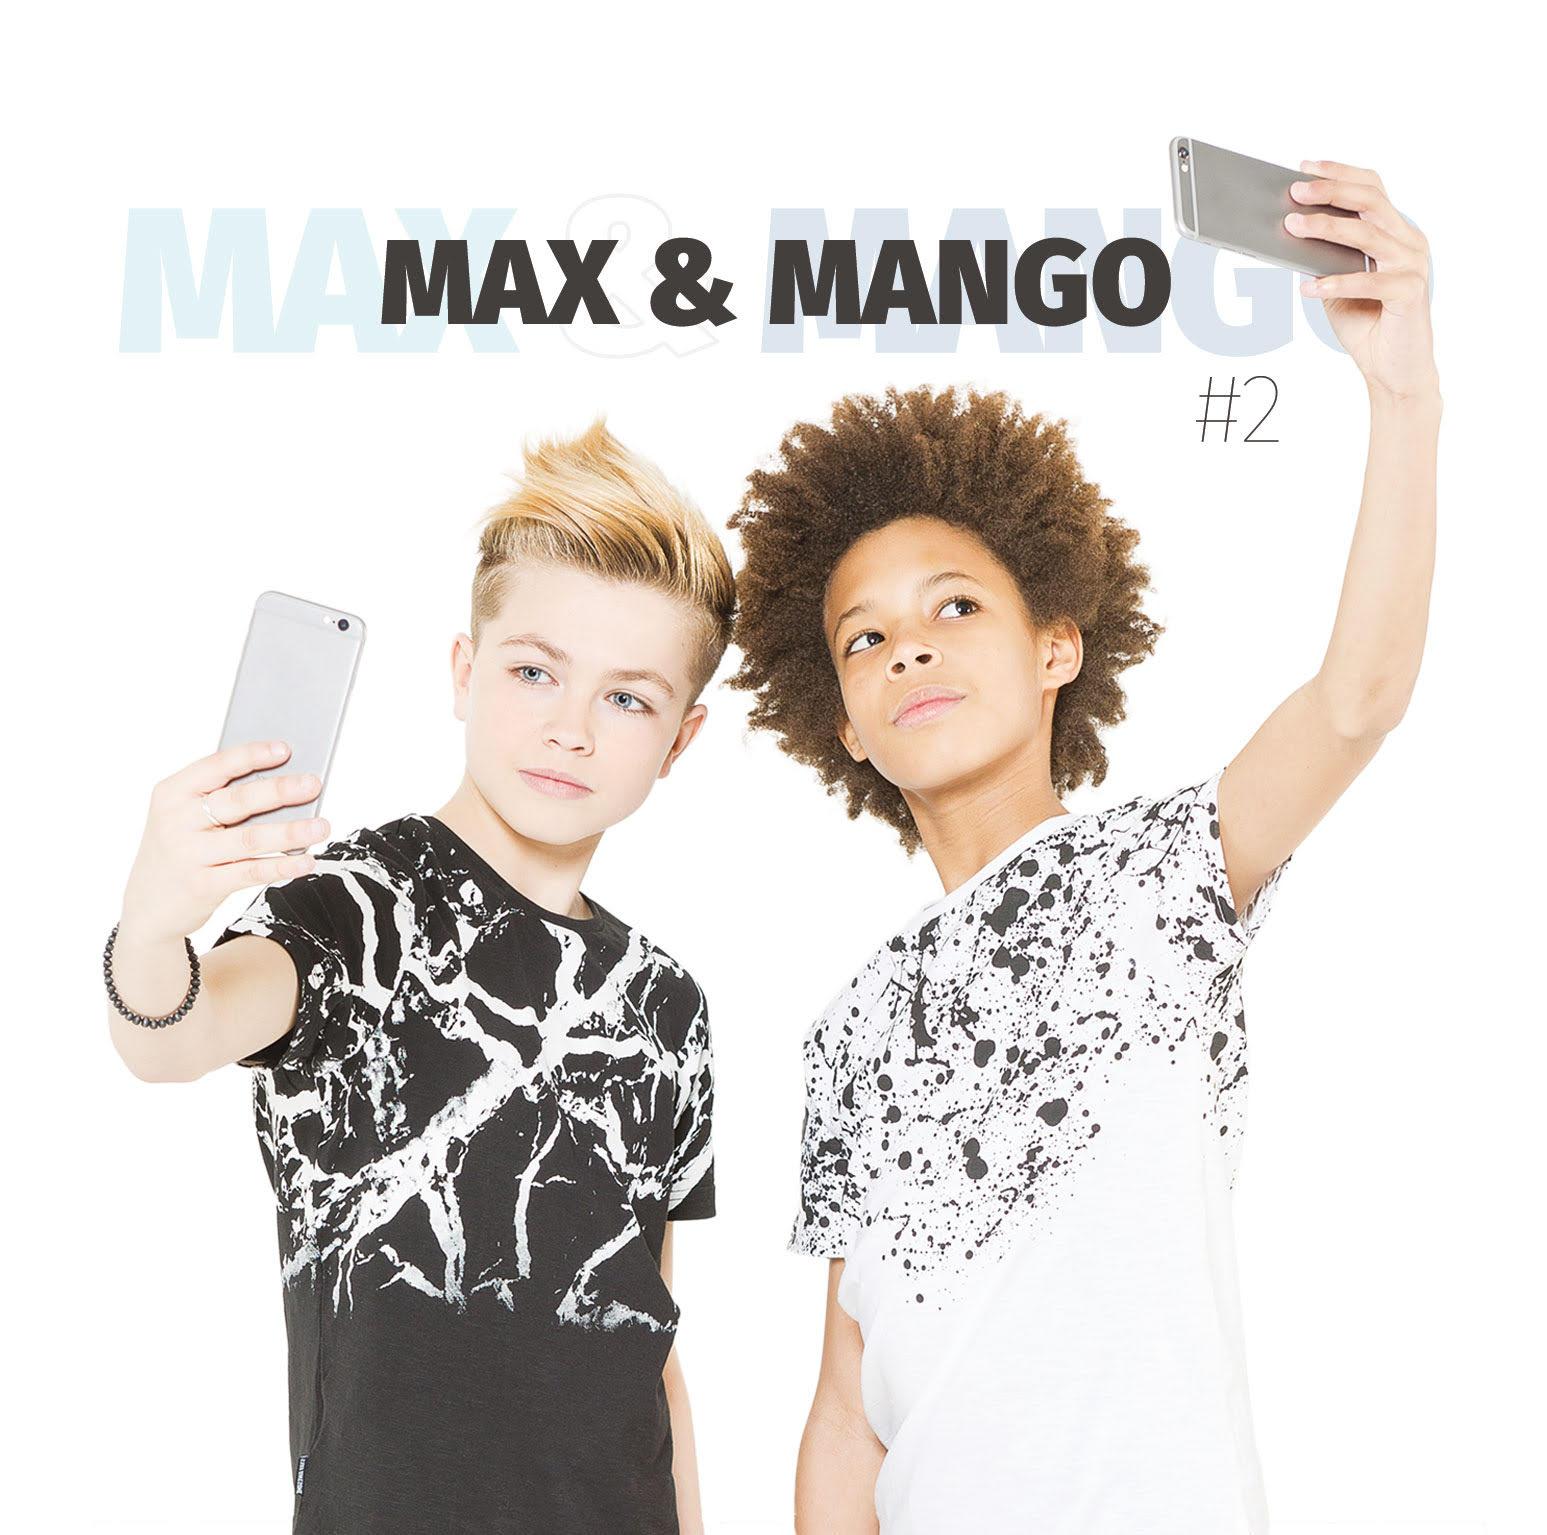 Max & Mango JustMusic.fr